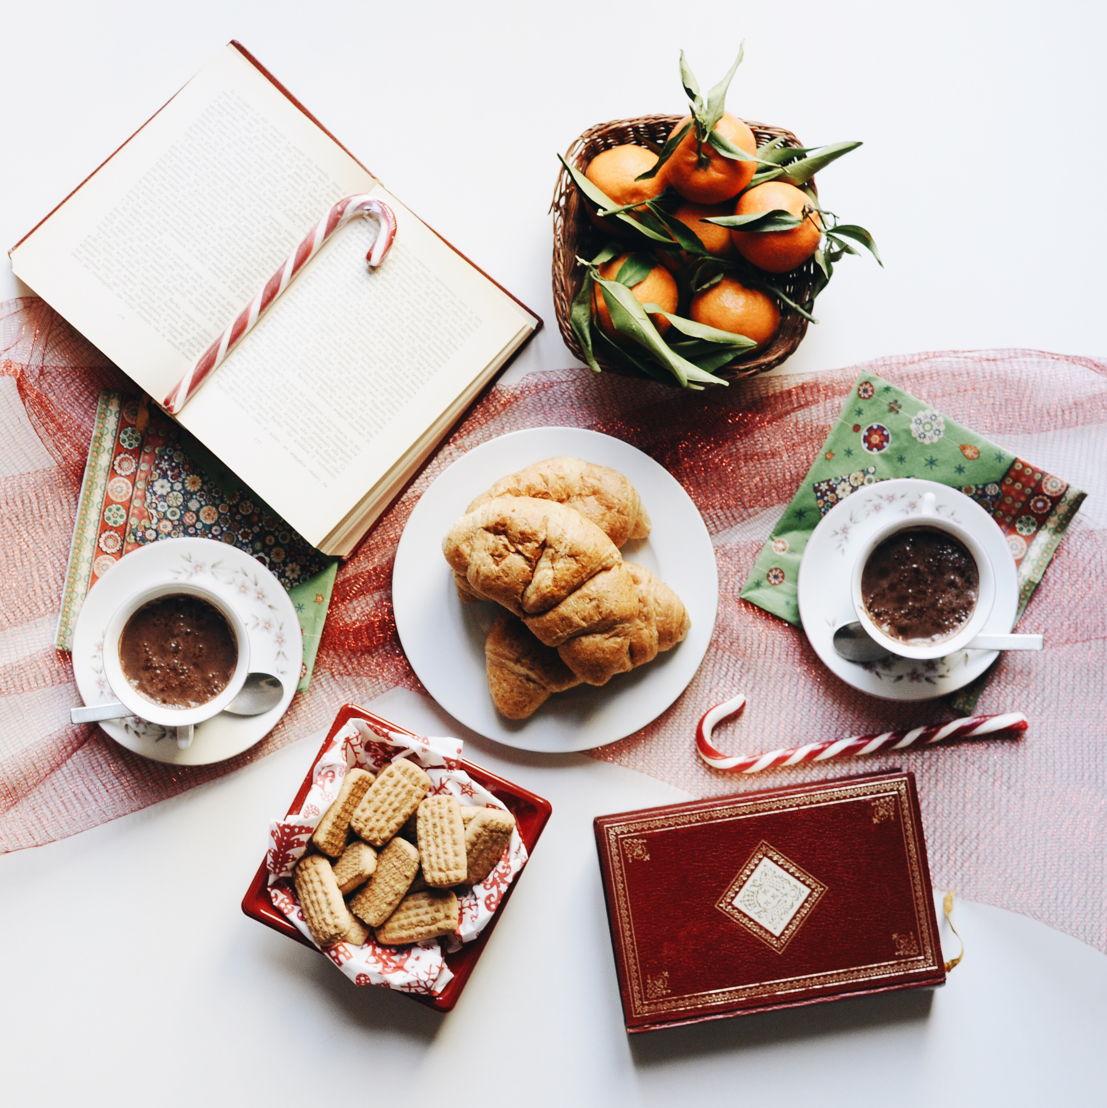 Bastoncini di zucchero_credits Paola Sirchia